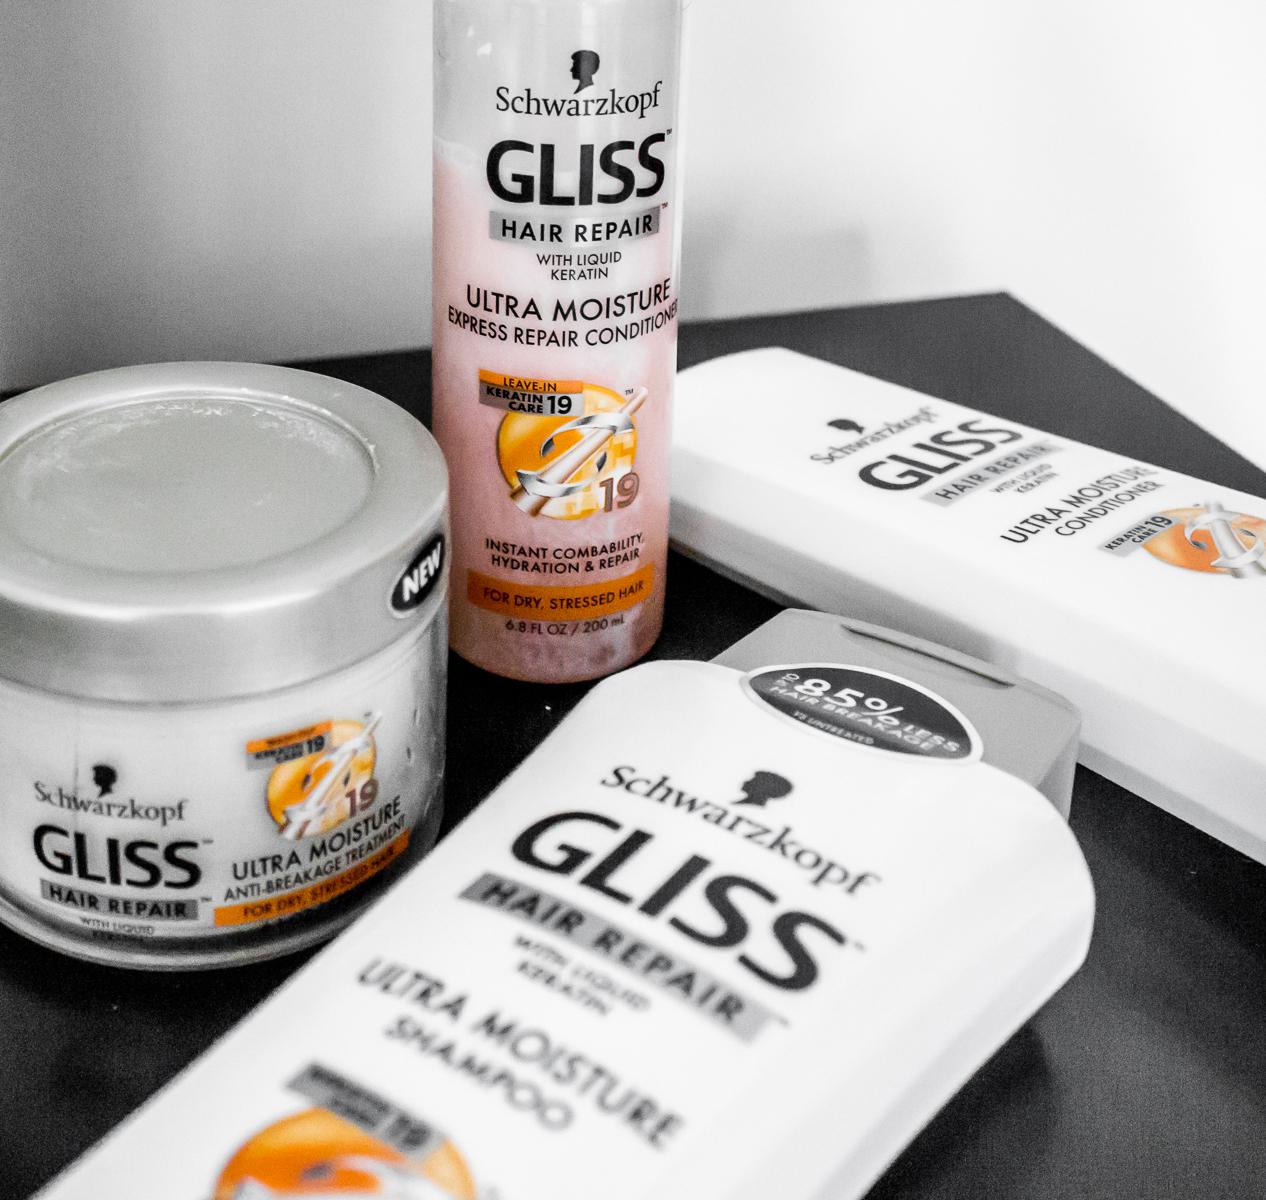 gliss-ultimate-repair-hair-tutorial